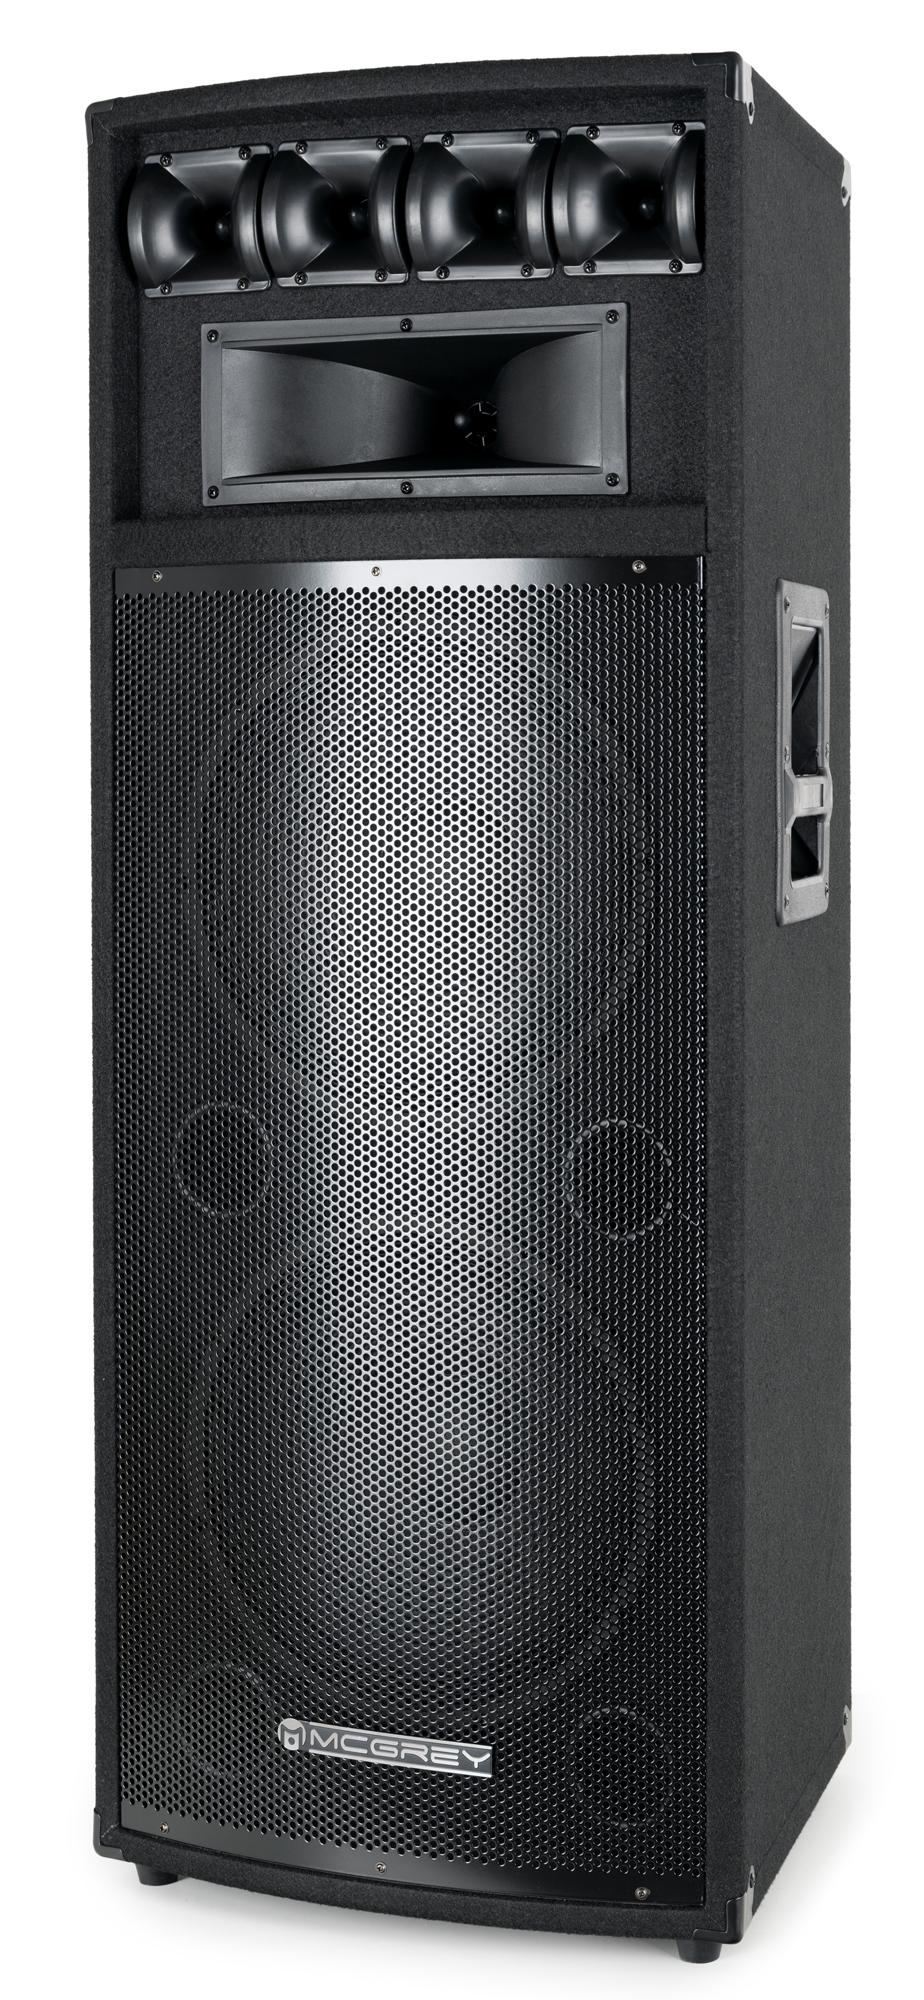 Paendstufen - McGrey PowerDJ 212 Passiv Box Retoure (Zustand gut) - Onlineshop Musikhaus Kirstein